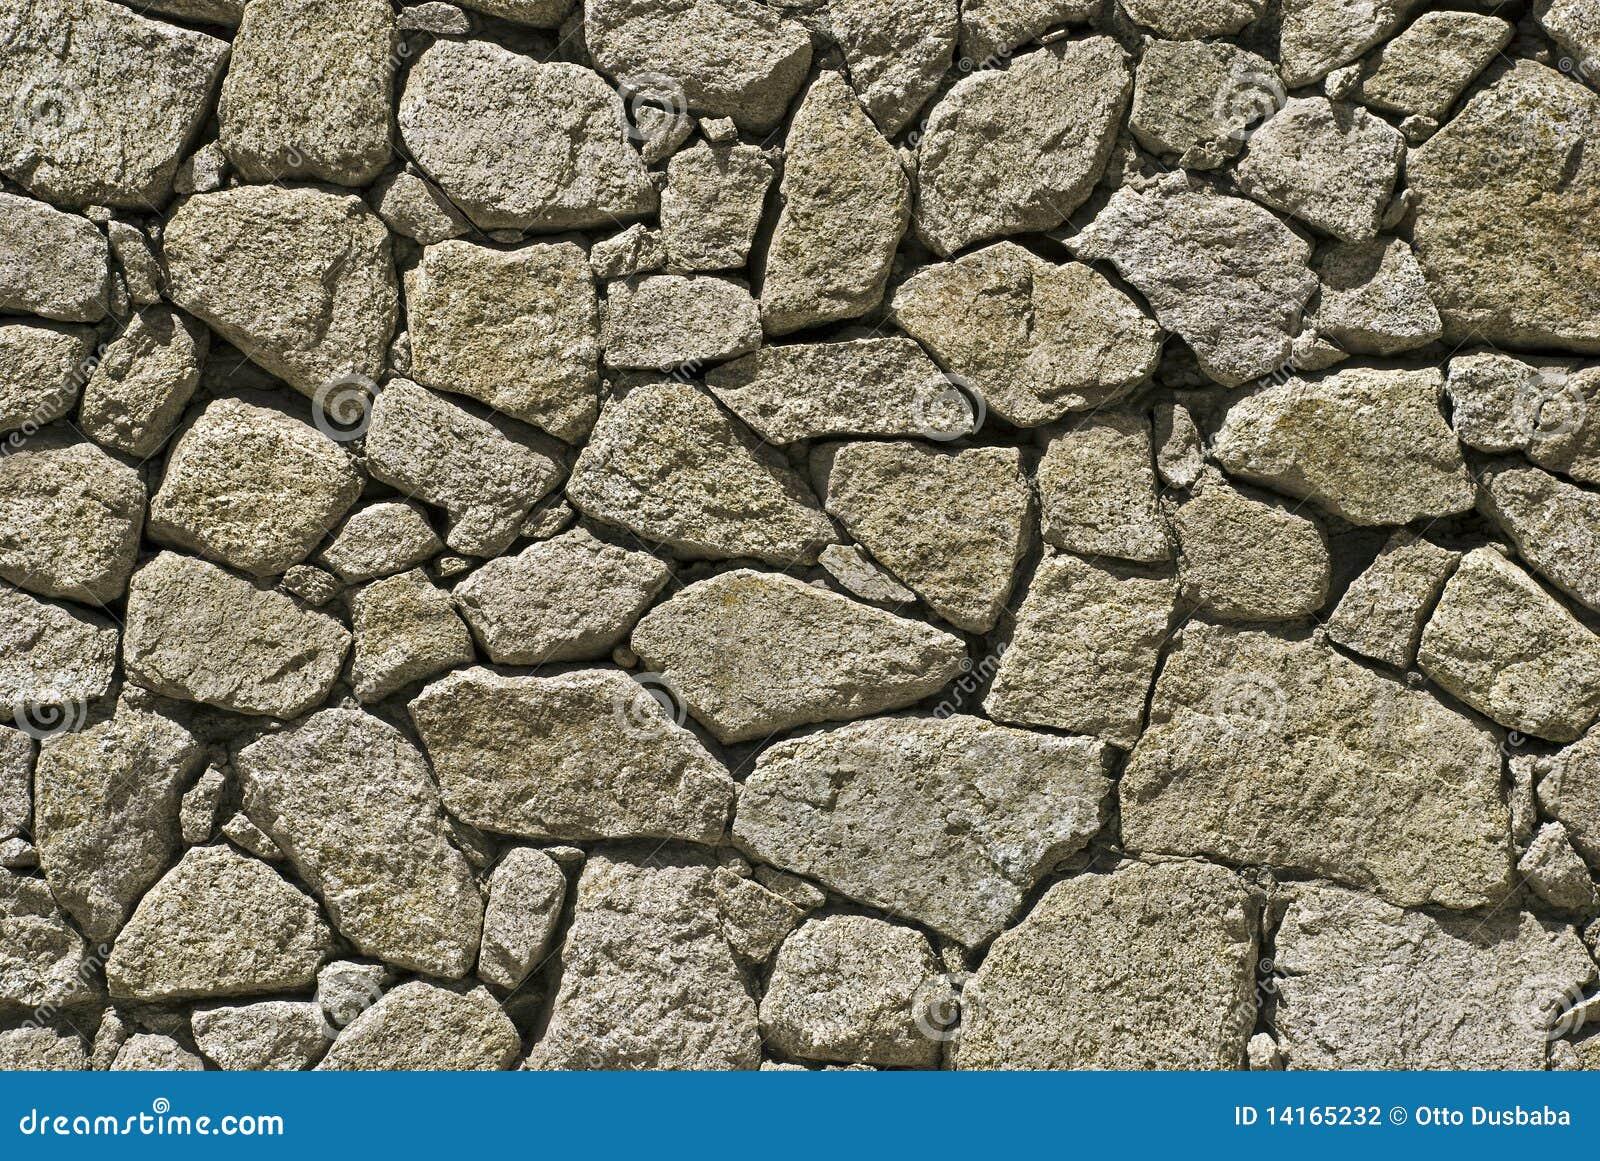 Pared de piedras de forma irregular foto de archivo imagen 14165232 - Piedras para pared ...